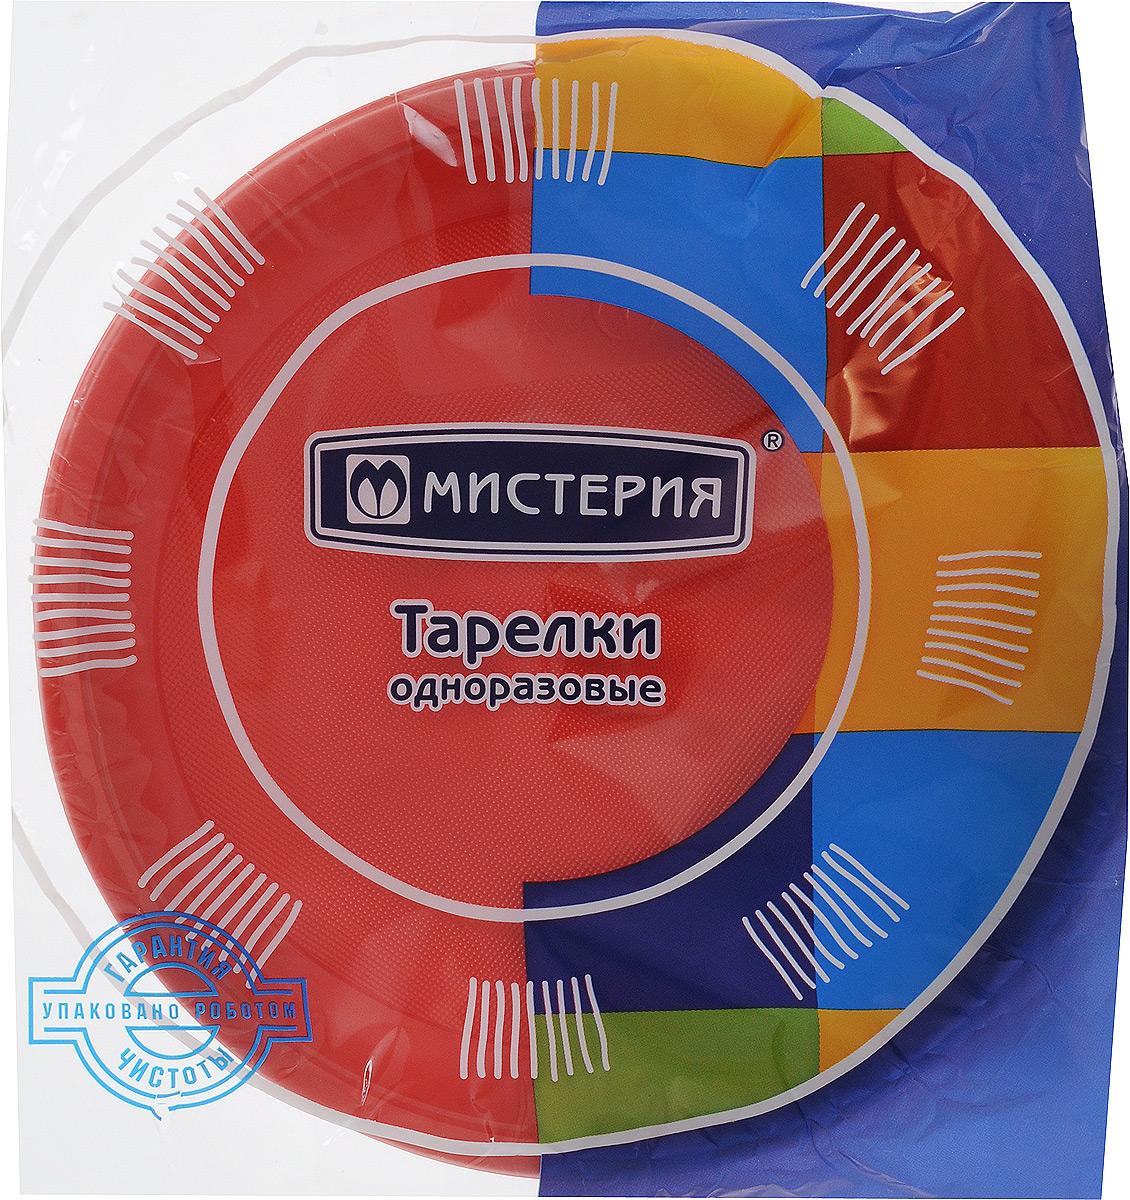 Набор одноразовых тарелок Мистерия, цвет: красный, диаметр 21 см, 12 шт183240Набор Мистерия состоит из 12 круглых тарелок, выполненных из полистирола и предназначенных для одноразового использования. Подходят для холодных и горячих пищевых продуктов. Одноразовые тарелки будут незаменимы при поездках на природу, пикниках и других мероприятиях. Они не займут много места, легки и самое главное - после использования их не надо мыть. Диаметр тарелки: 21 см. Высота тарелки: 1,5 см.